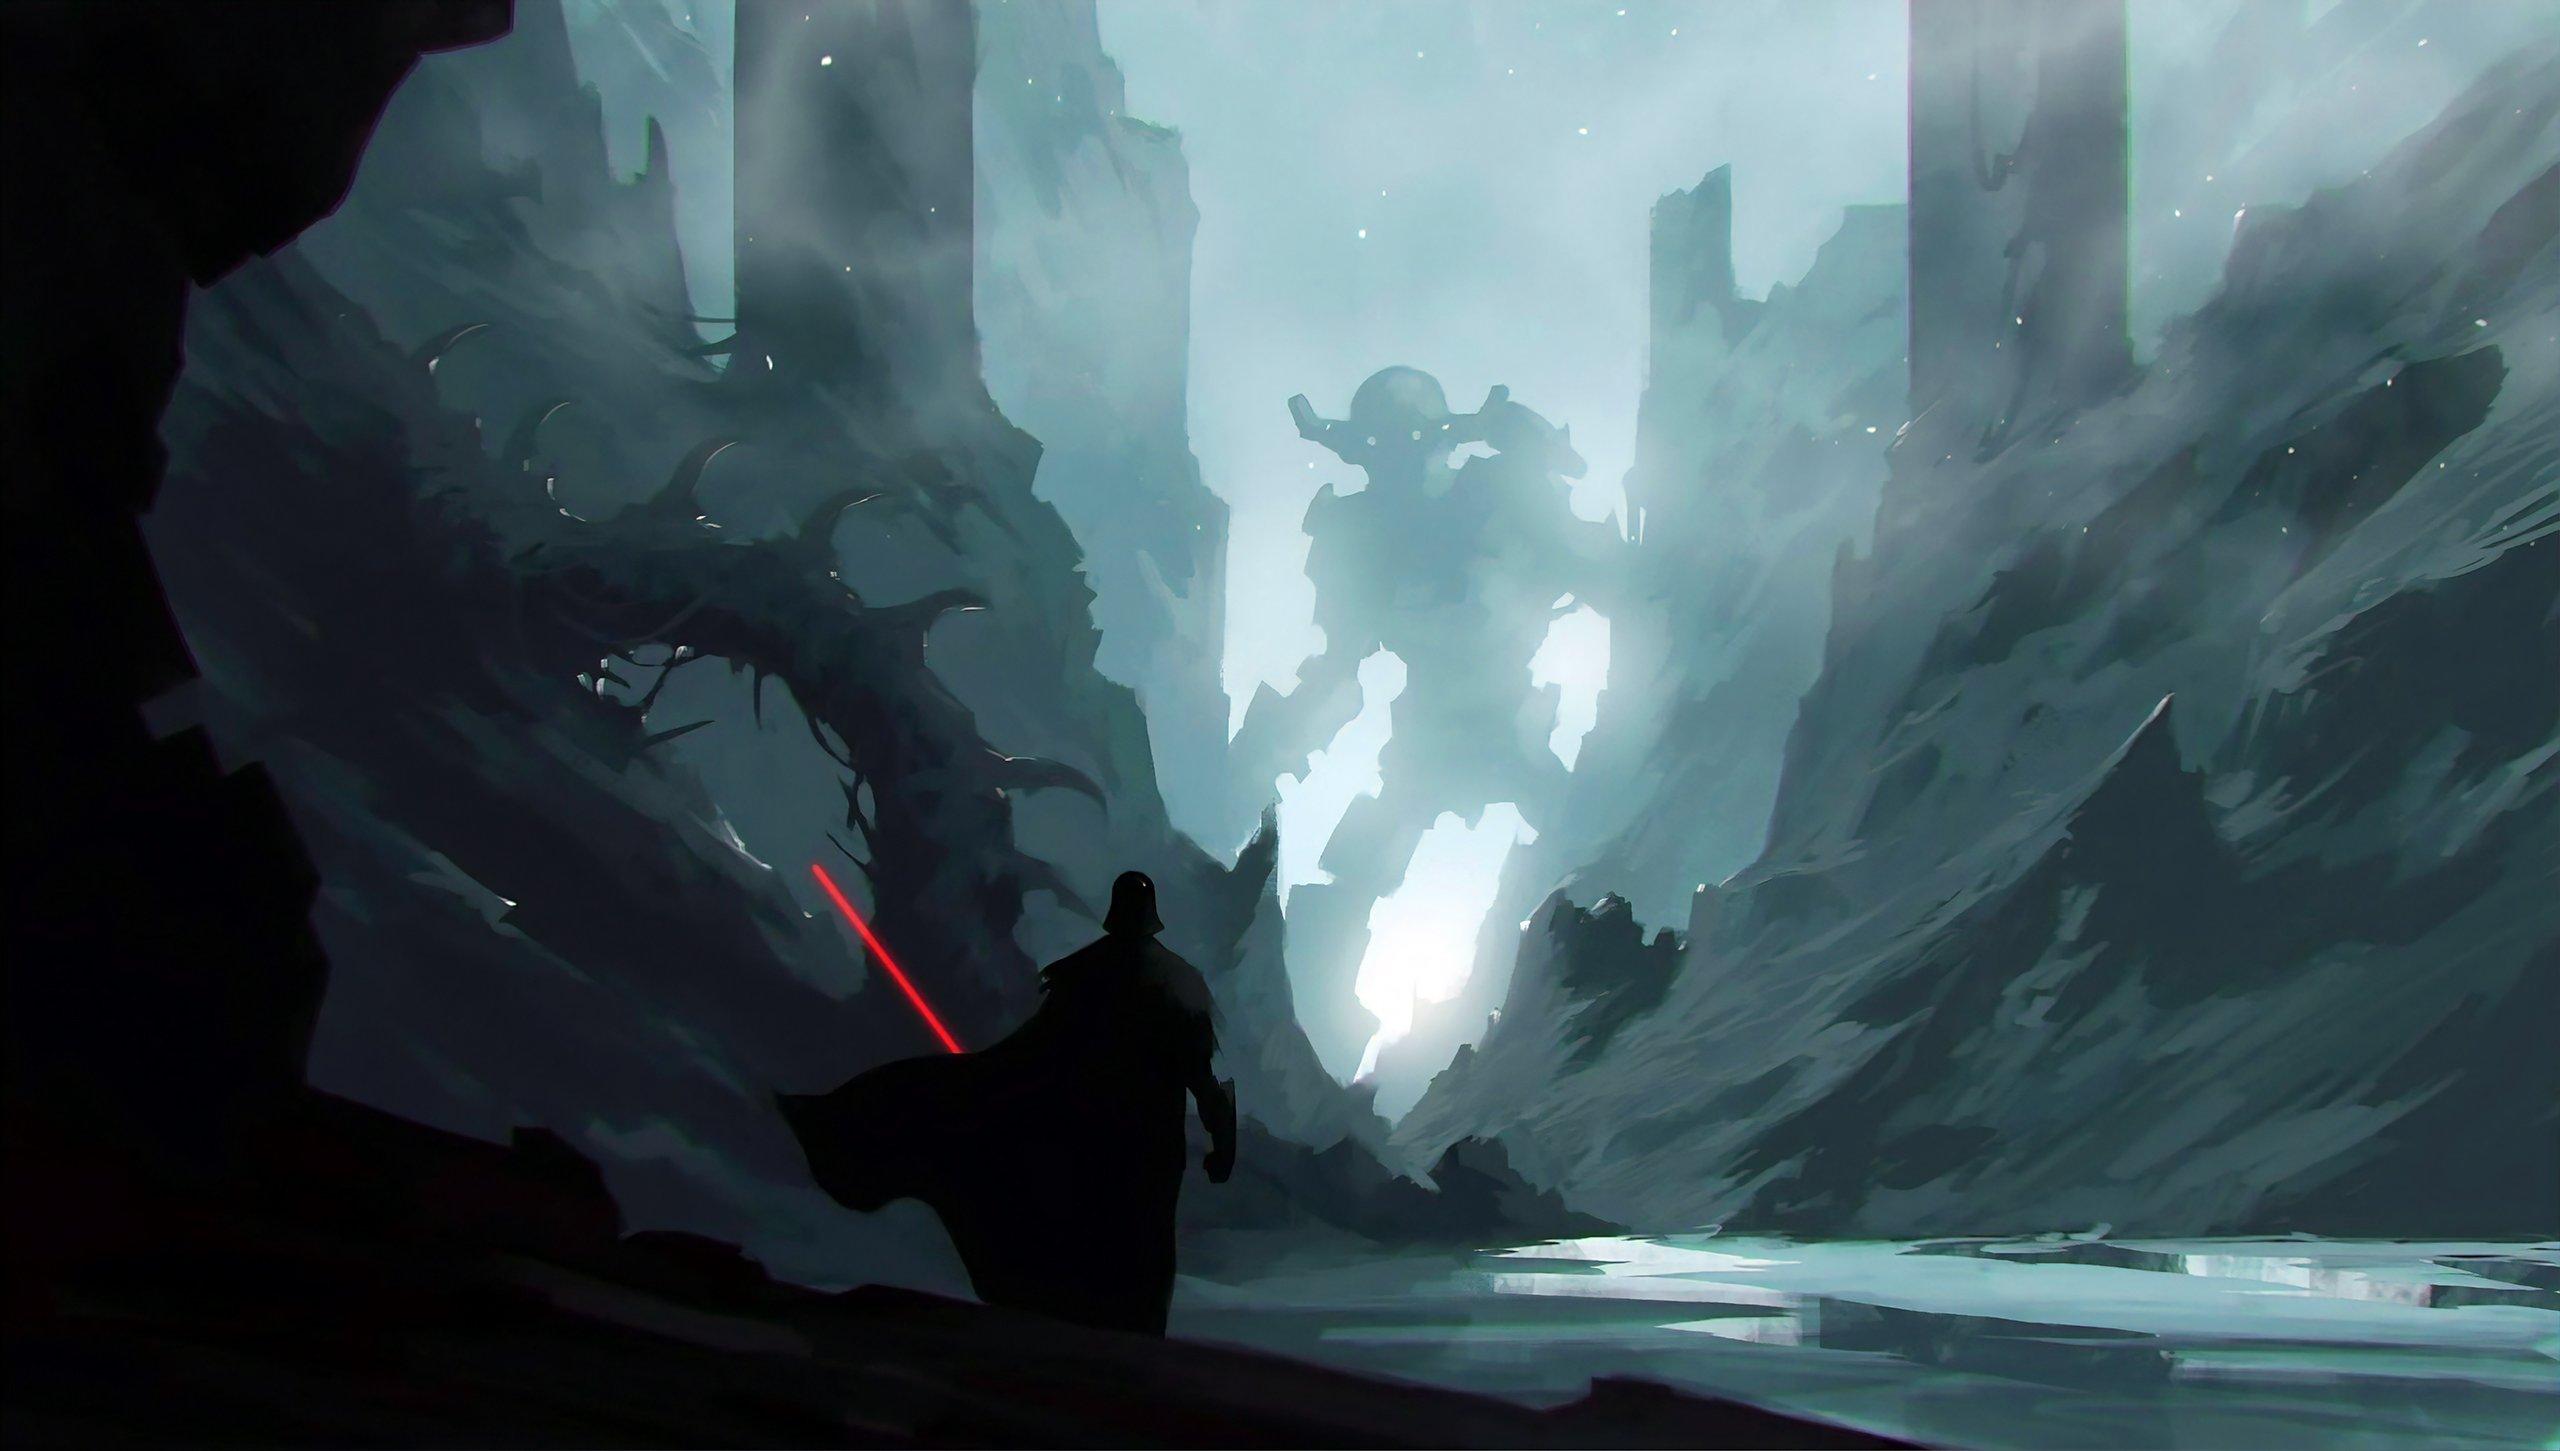 Fondos de pantalla Darth Vader con Sable de Luz